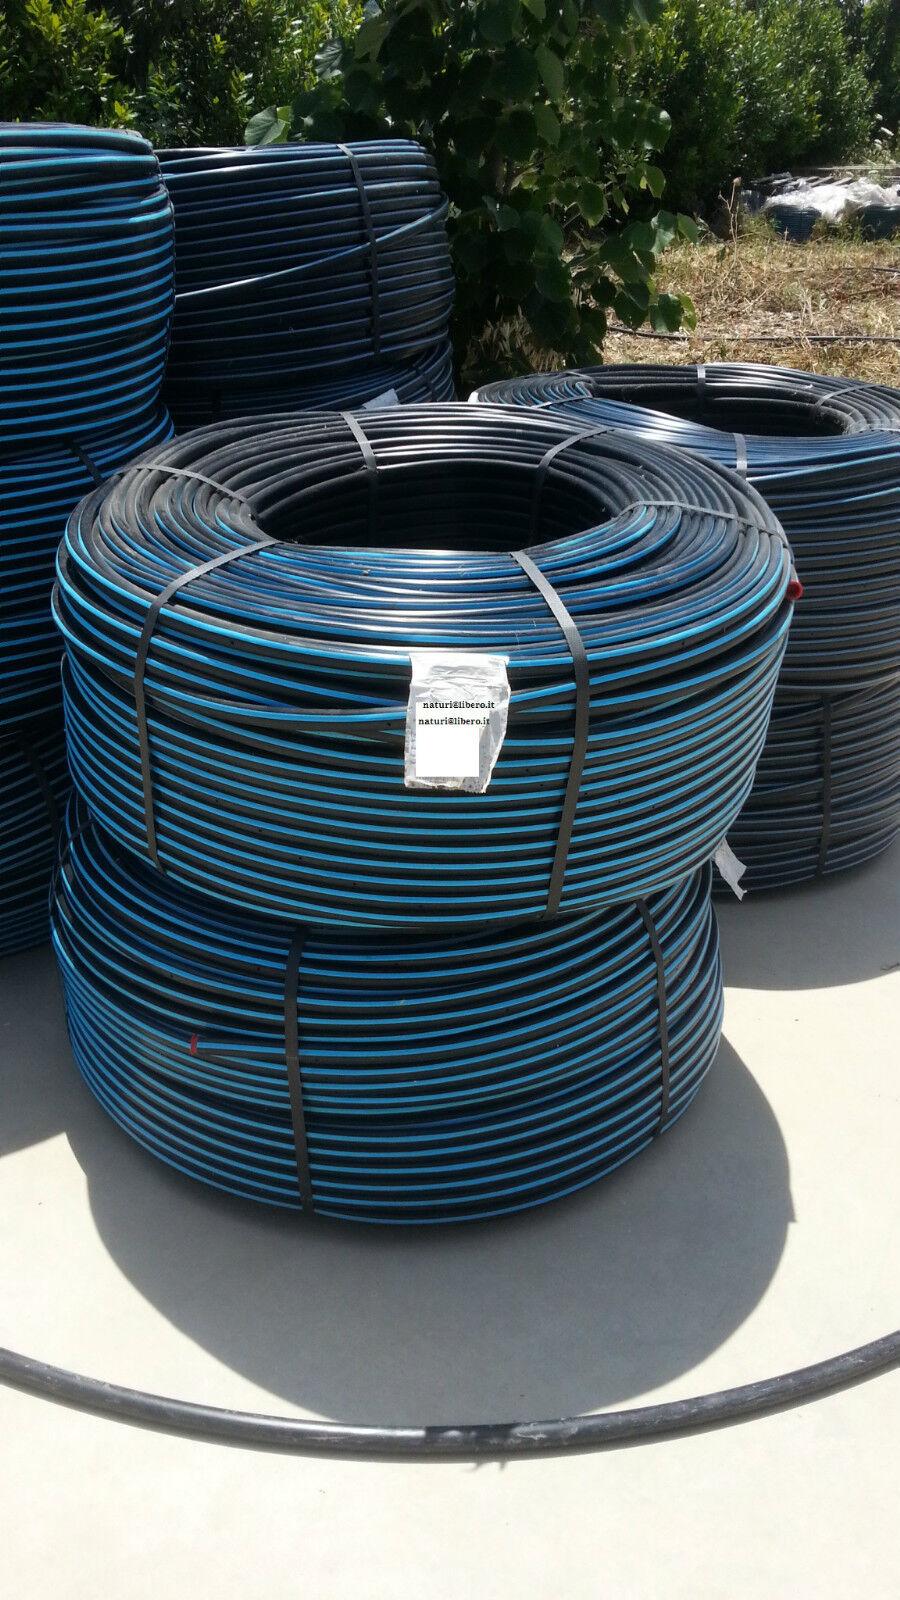 200 mt tubo ala gocciolante Toro autocompensante 16 Passo 20 irrigazione goccia